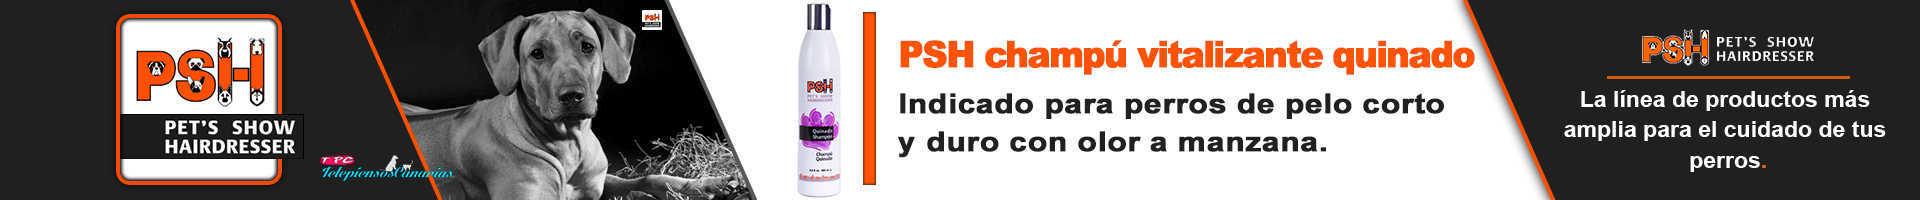 PSH champú vitalizante quinado para perros de pelo corto y duro